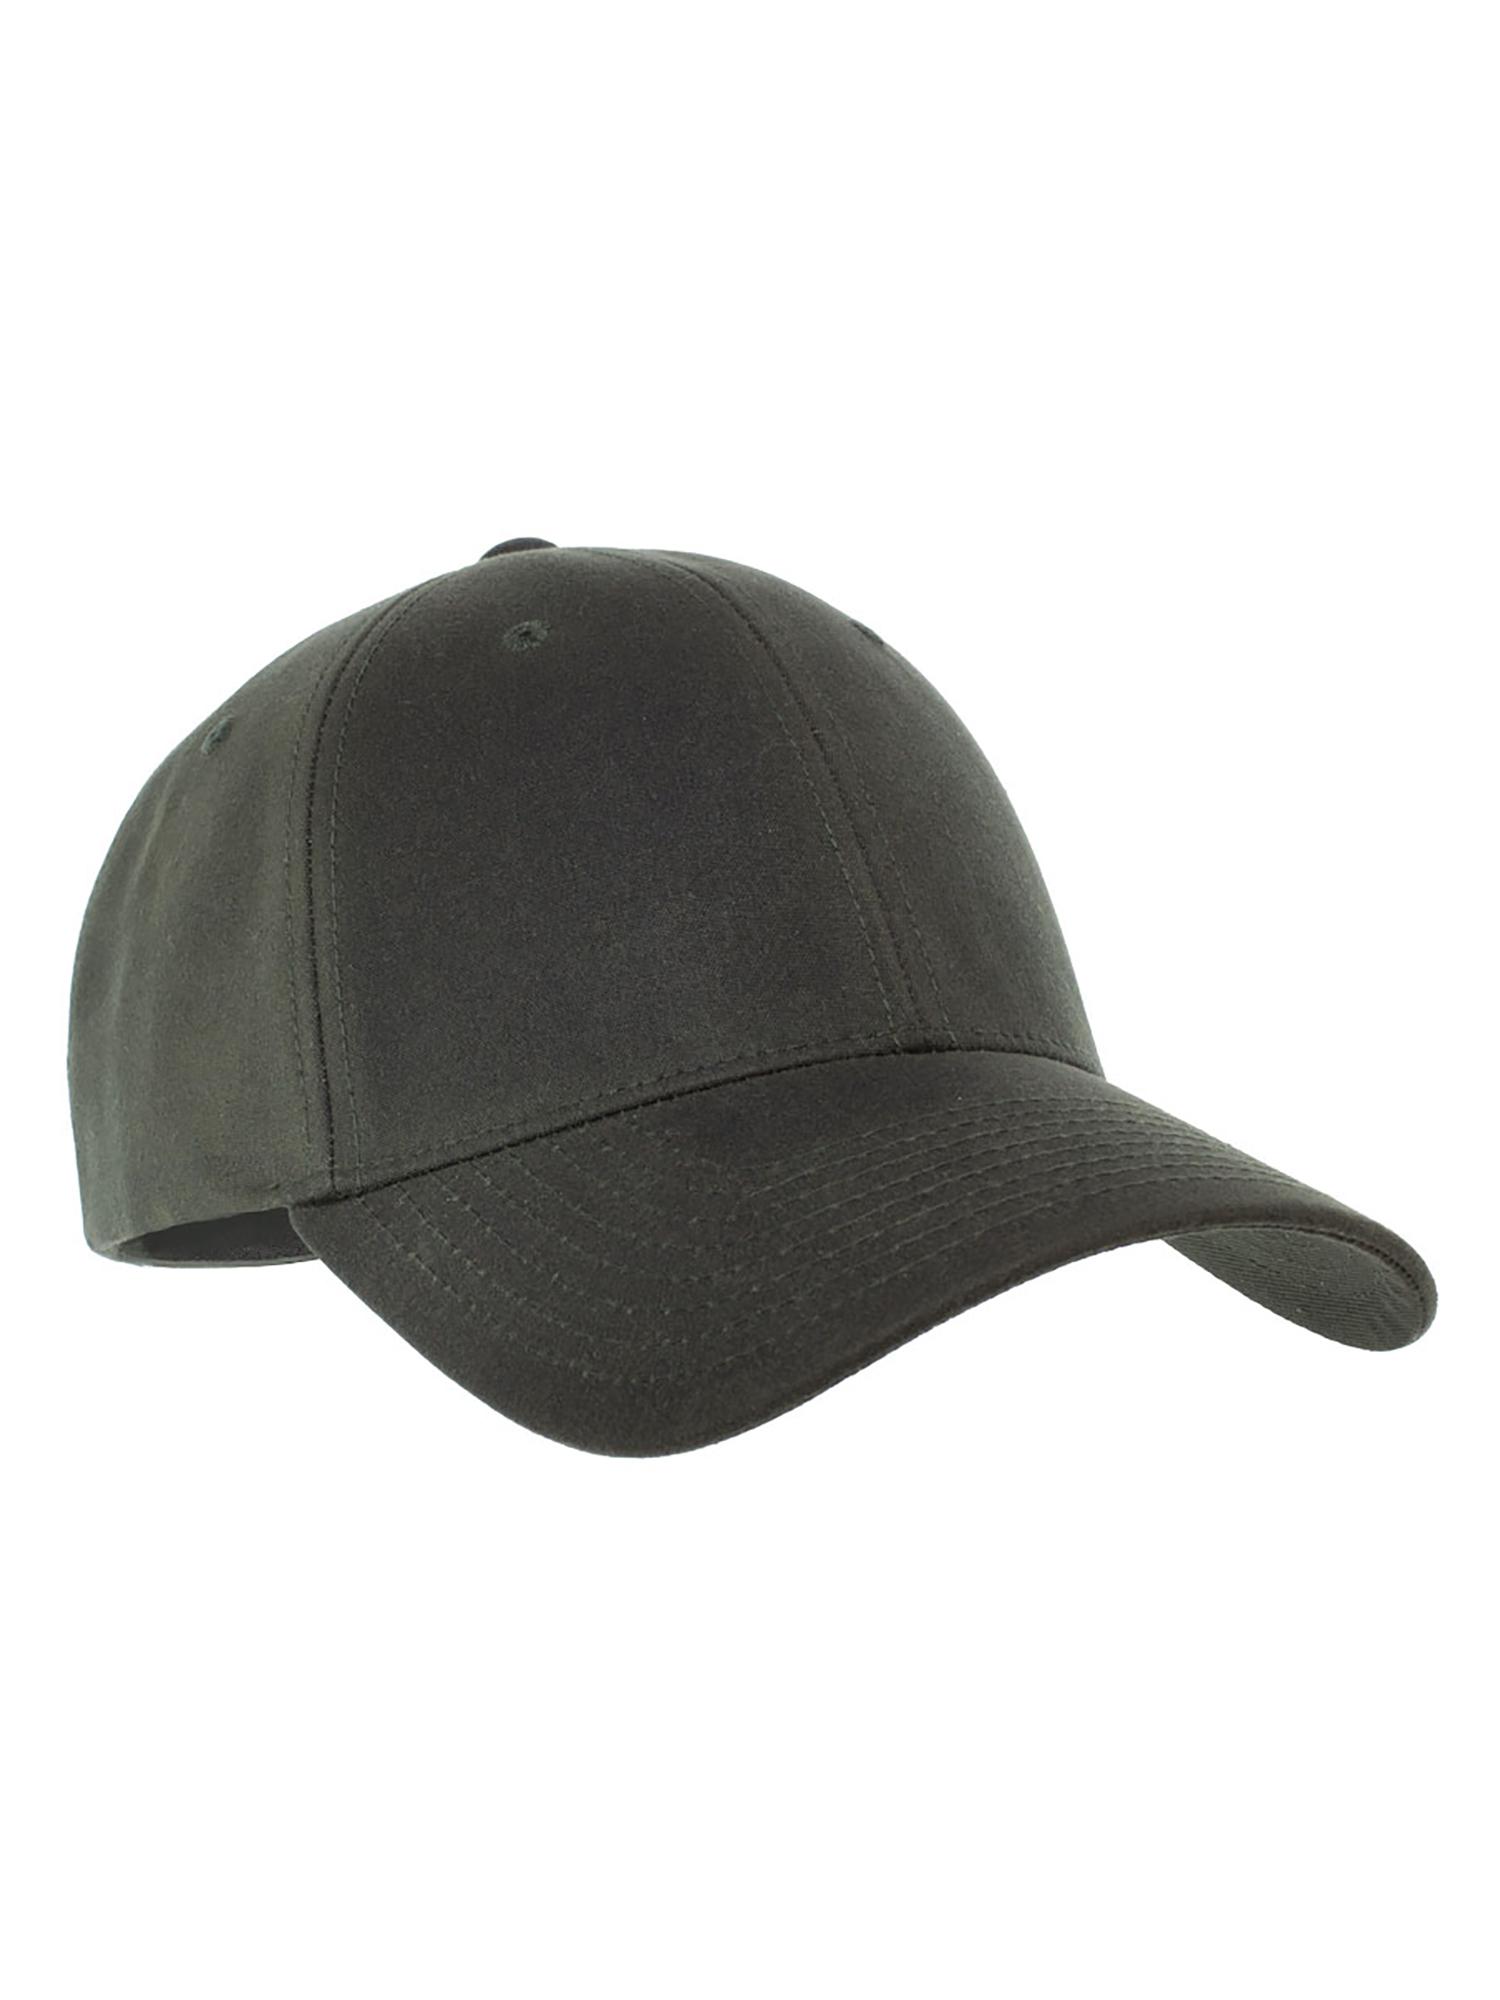 oilskin hat - Gorsuch 8588a4dcdfe9